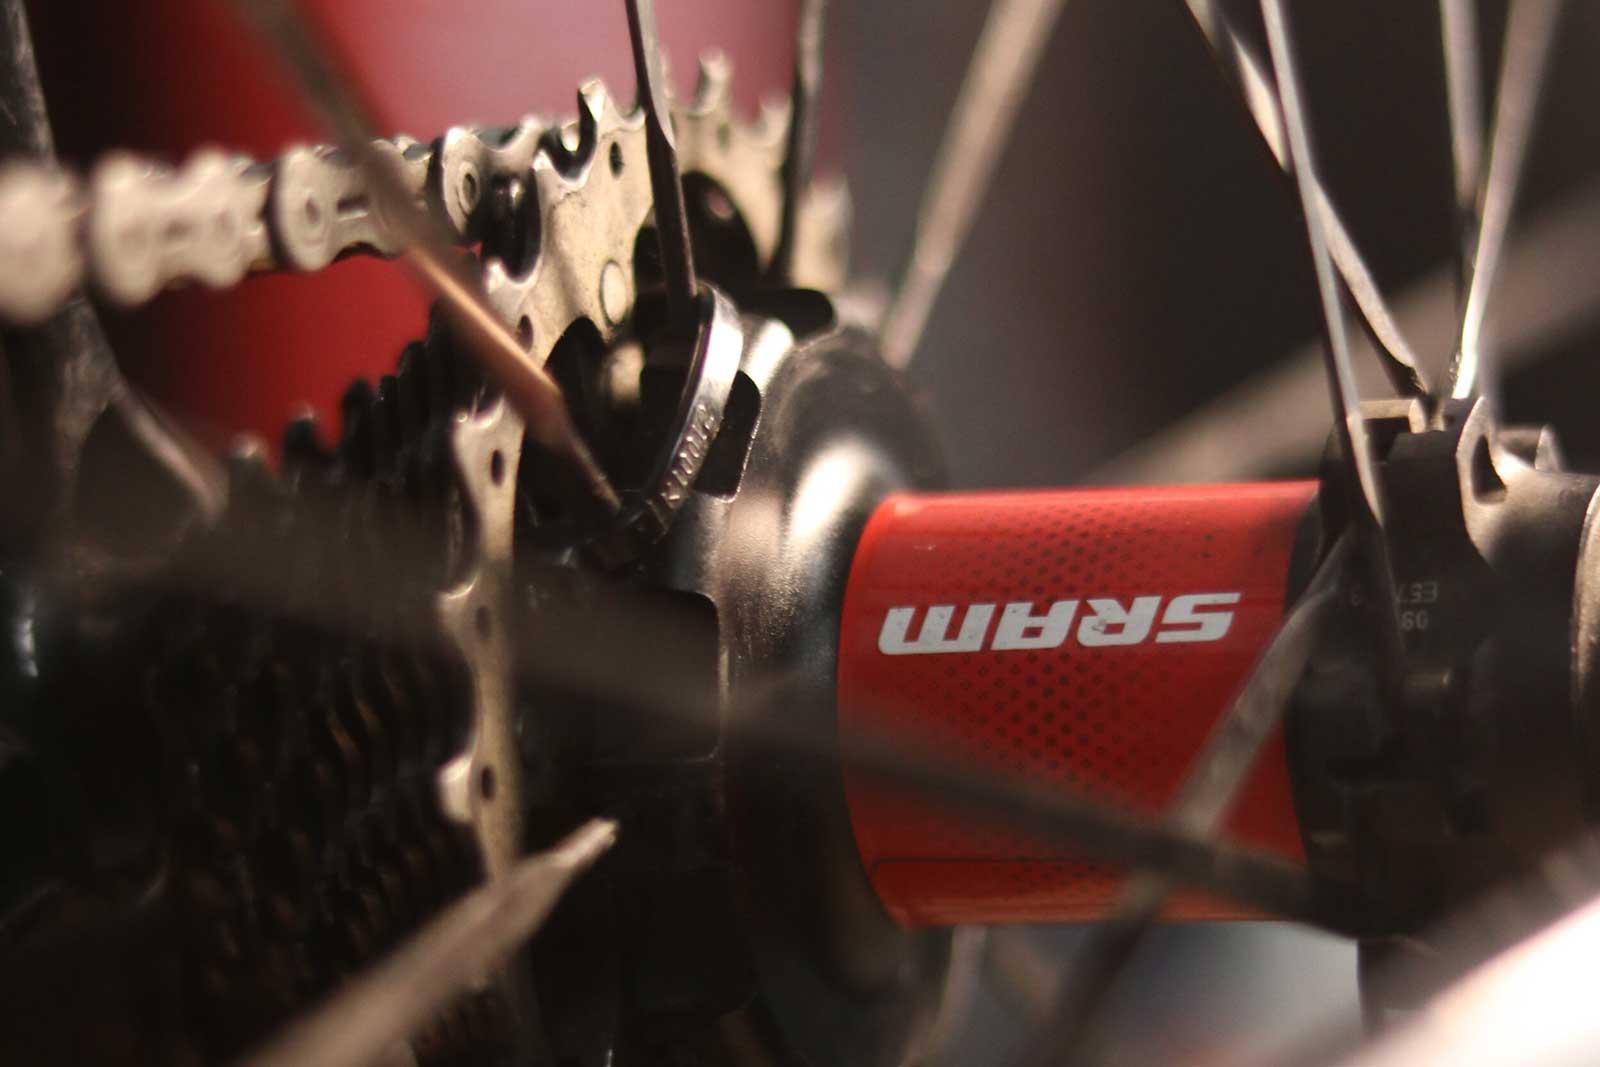 quick fix rear hub zip tie